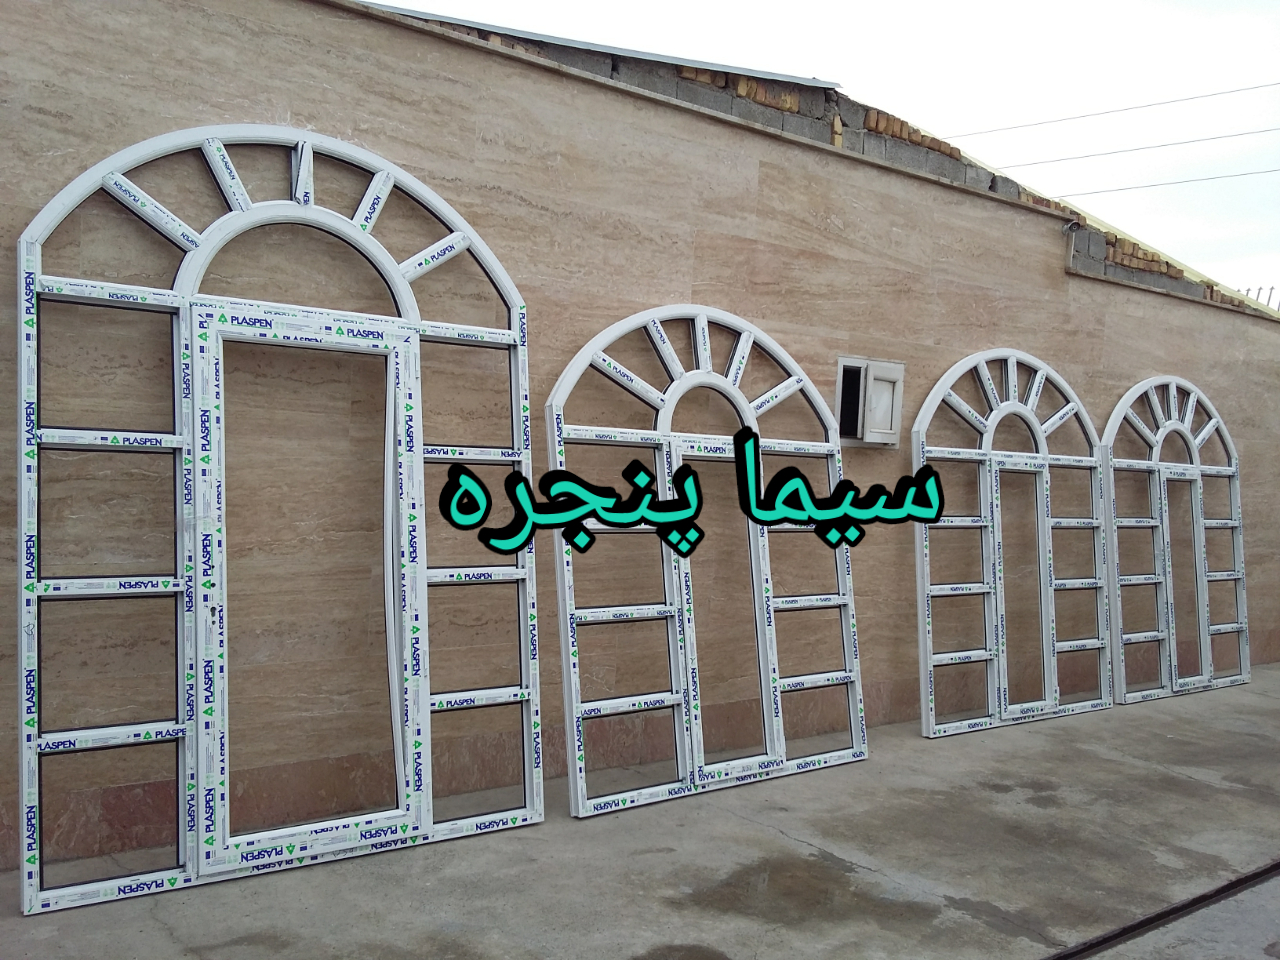 خم upvc پنجره دو جداره upvc پنجره منحنی ویترینی محدوده شهریار کرج شهر قدس upvc پنجره خم و قوس دار پنجره خاص و مدرن